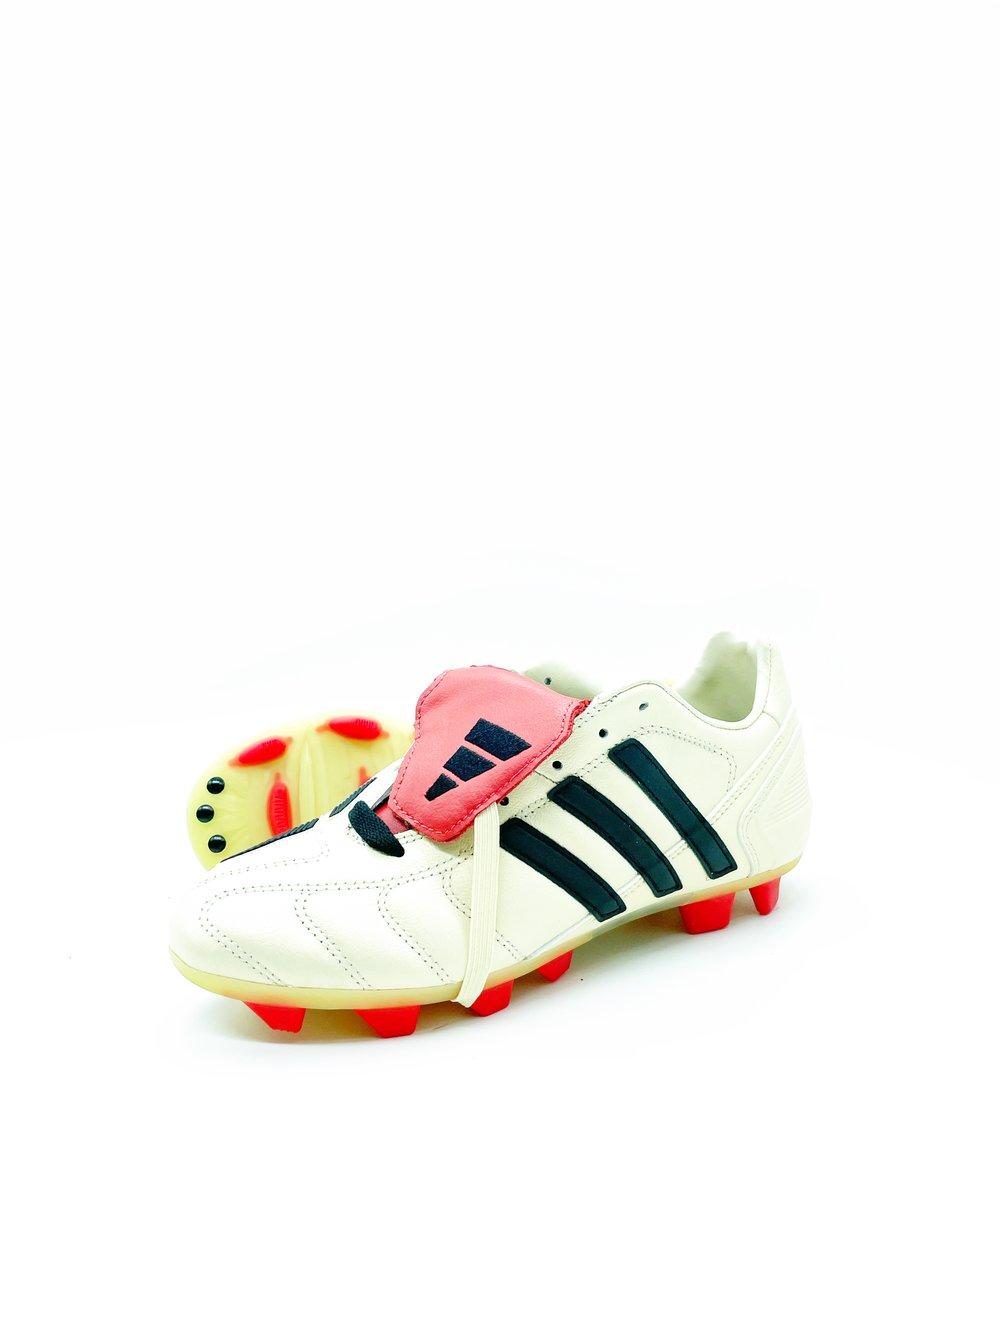 Image of Adidas Predator Manic FG AND SG